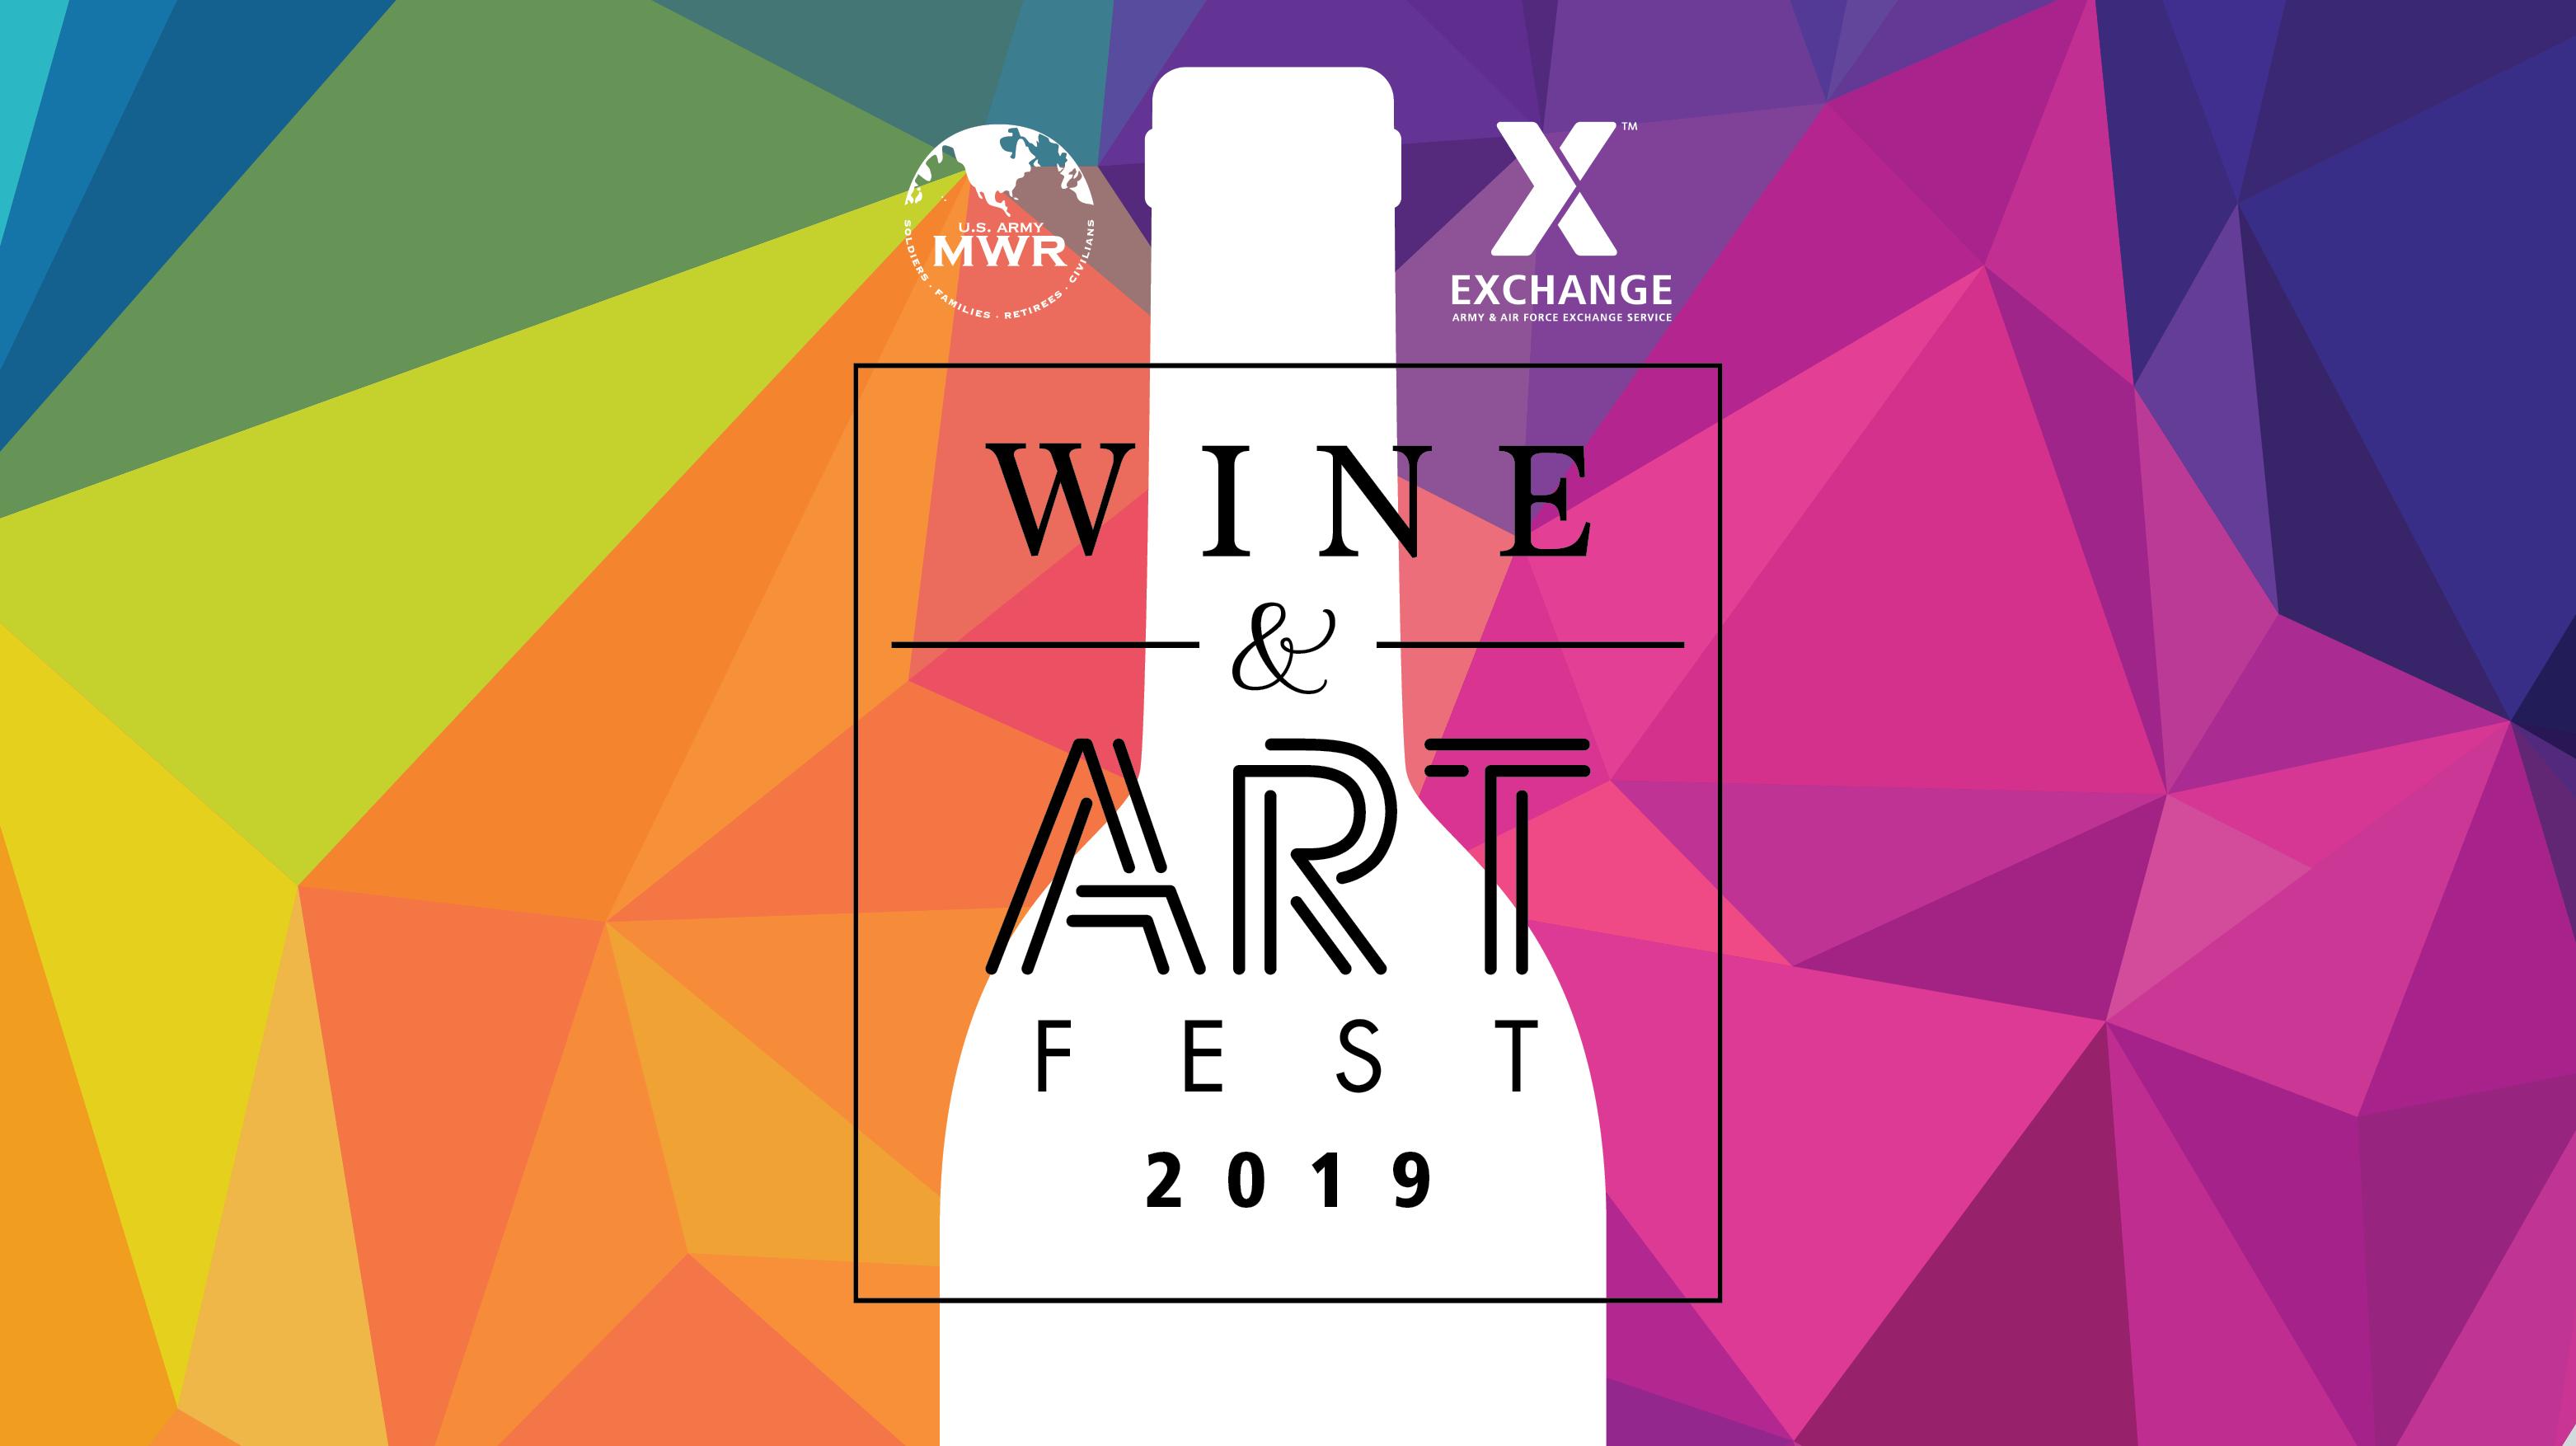 Wine & Art Fest